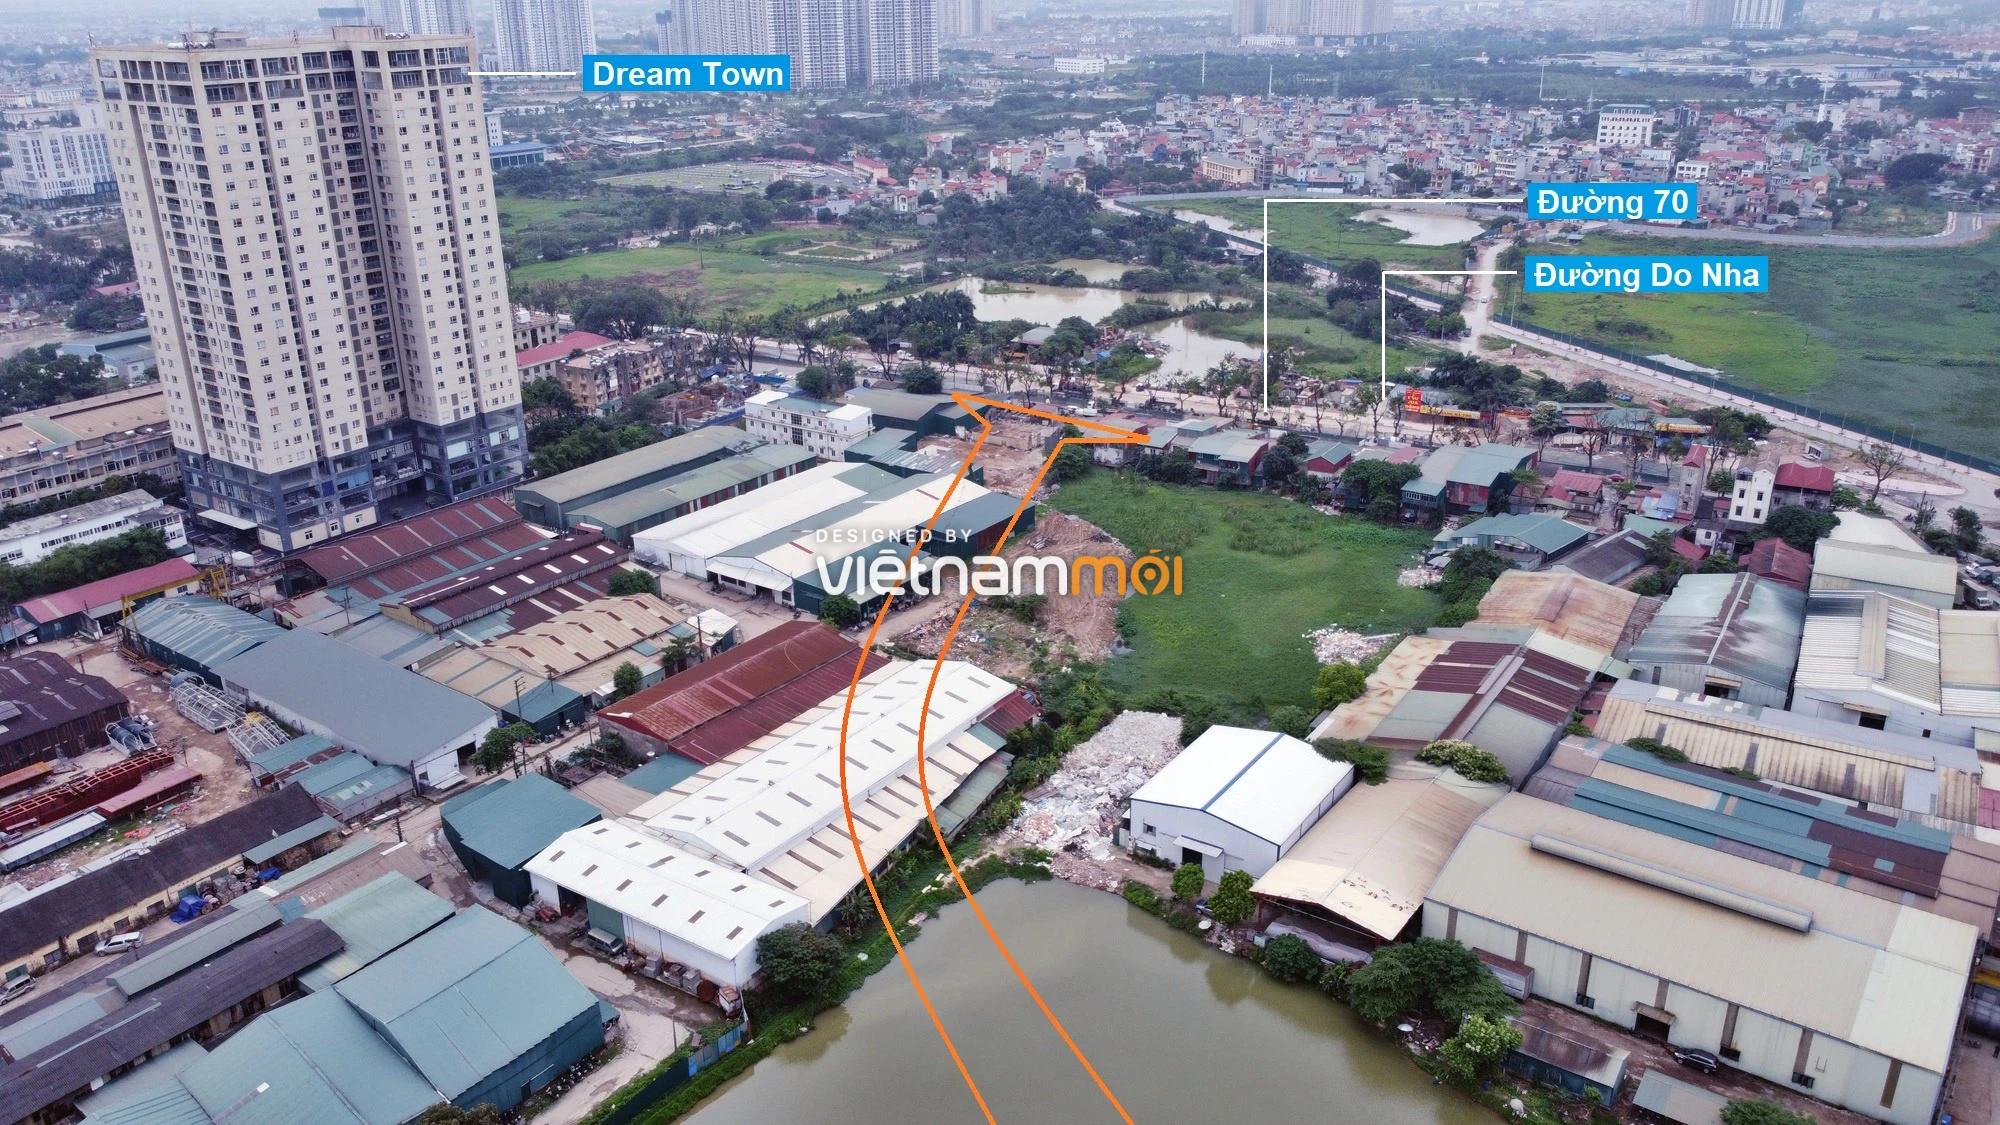 Những khu đất sắp thu hồi để mở đường ở phường Tây Mỗ, Nam Từ Liêm, Hà Nội (phần 3) - Ảnh 3.